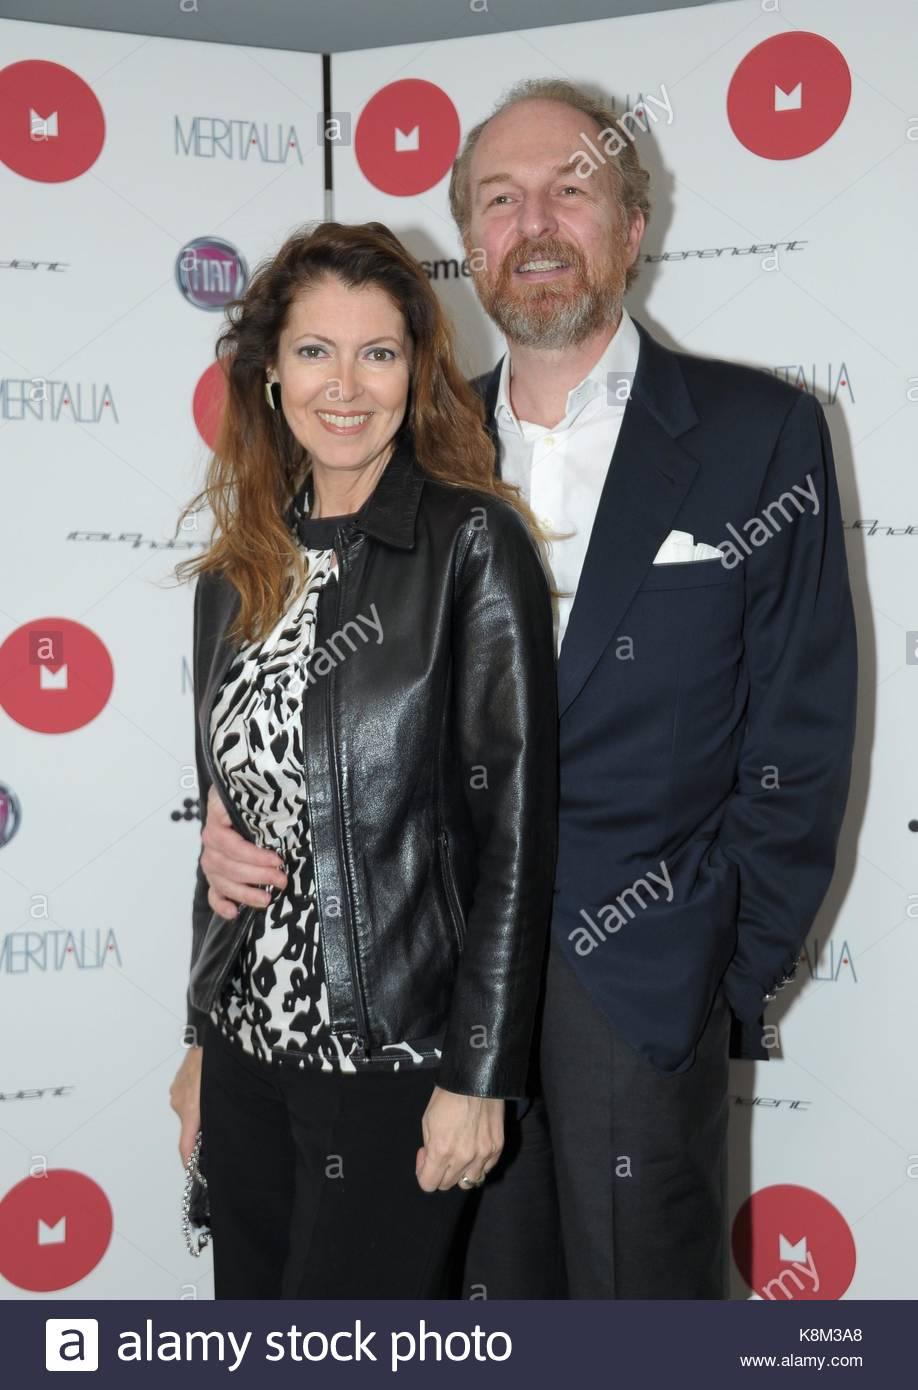 Meritalia Lapo Elkann Presenta Officina : Arturo artom con la moglie milano show room meritalia